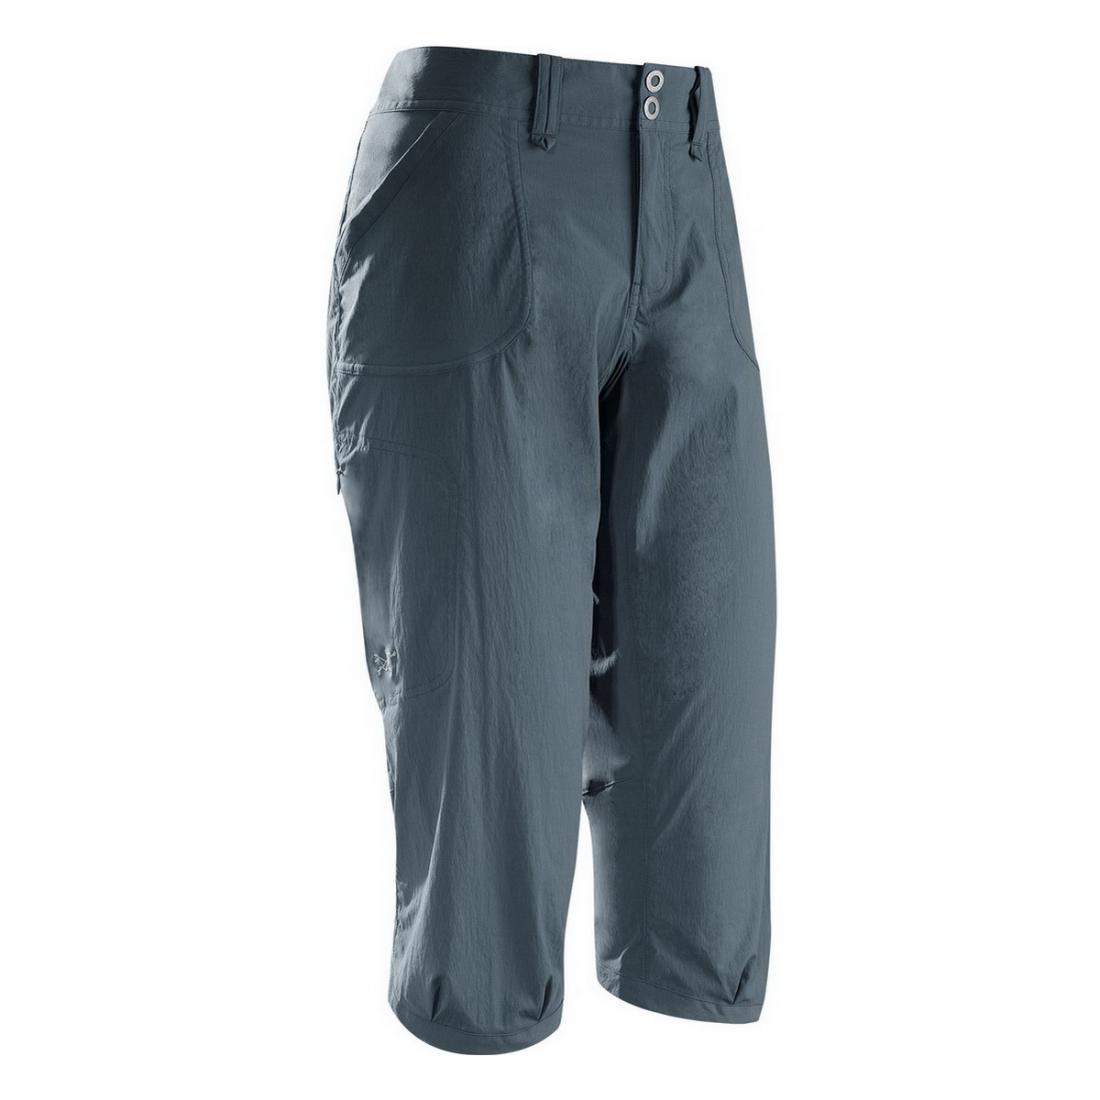 Брюки (3/4) Parapet Capri жен.Шорты, бриджи<br><br> Капри Arcteryx Parapet Capri свободного кроя созданы для активных женщин, которые ценят комфорт. Они оснащены удобным широким поясом и изготовлены из прочной, эластичной ткани, которая обеспечивает свободу движений. Также модель привлекает внимание...<br><br>Цвет: Темно-синий<br>Размер: 6